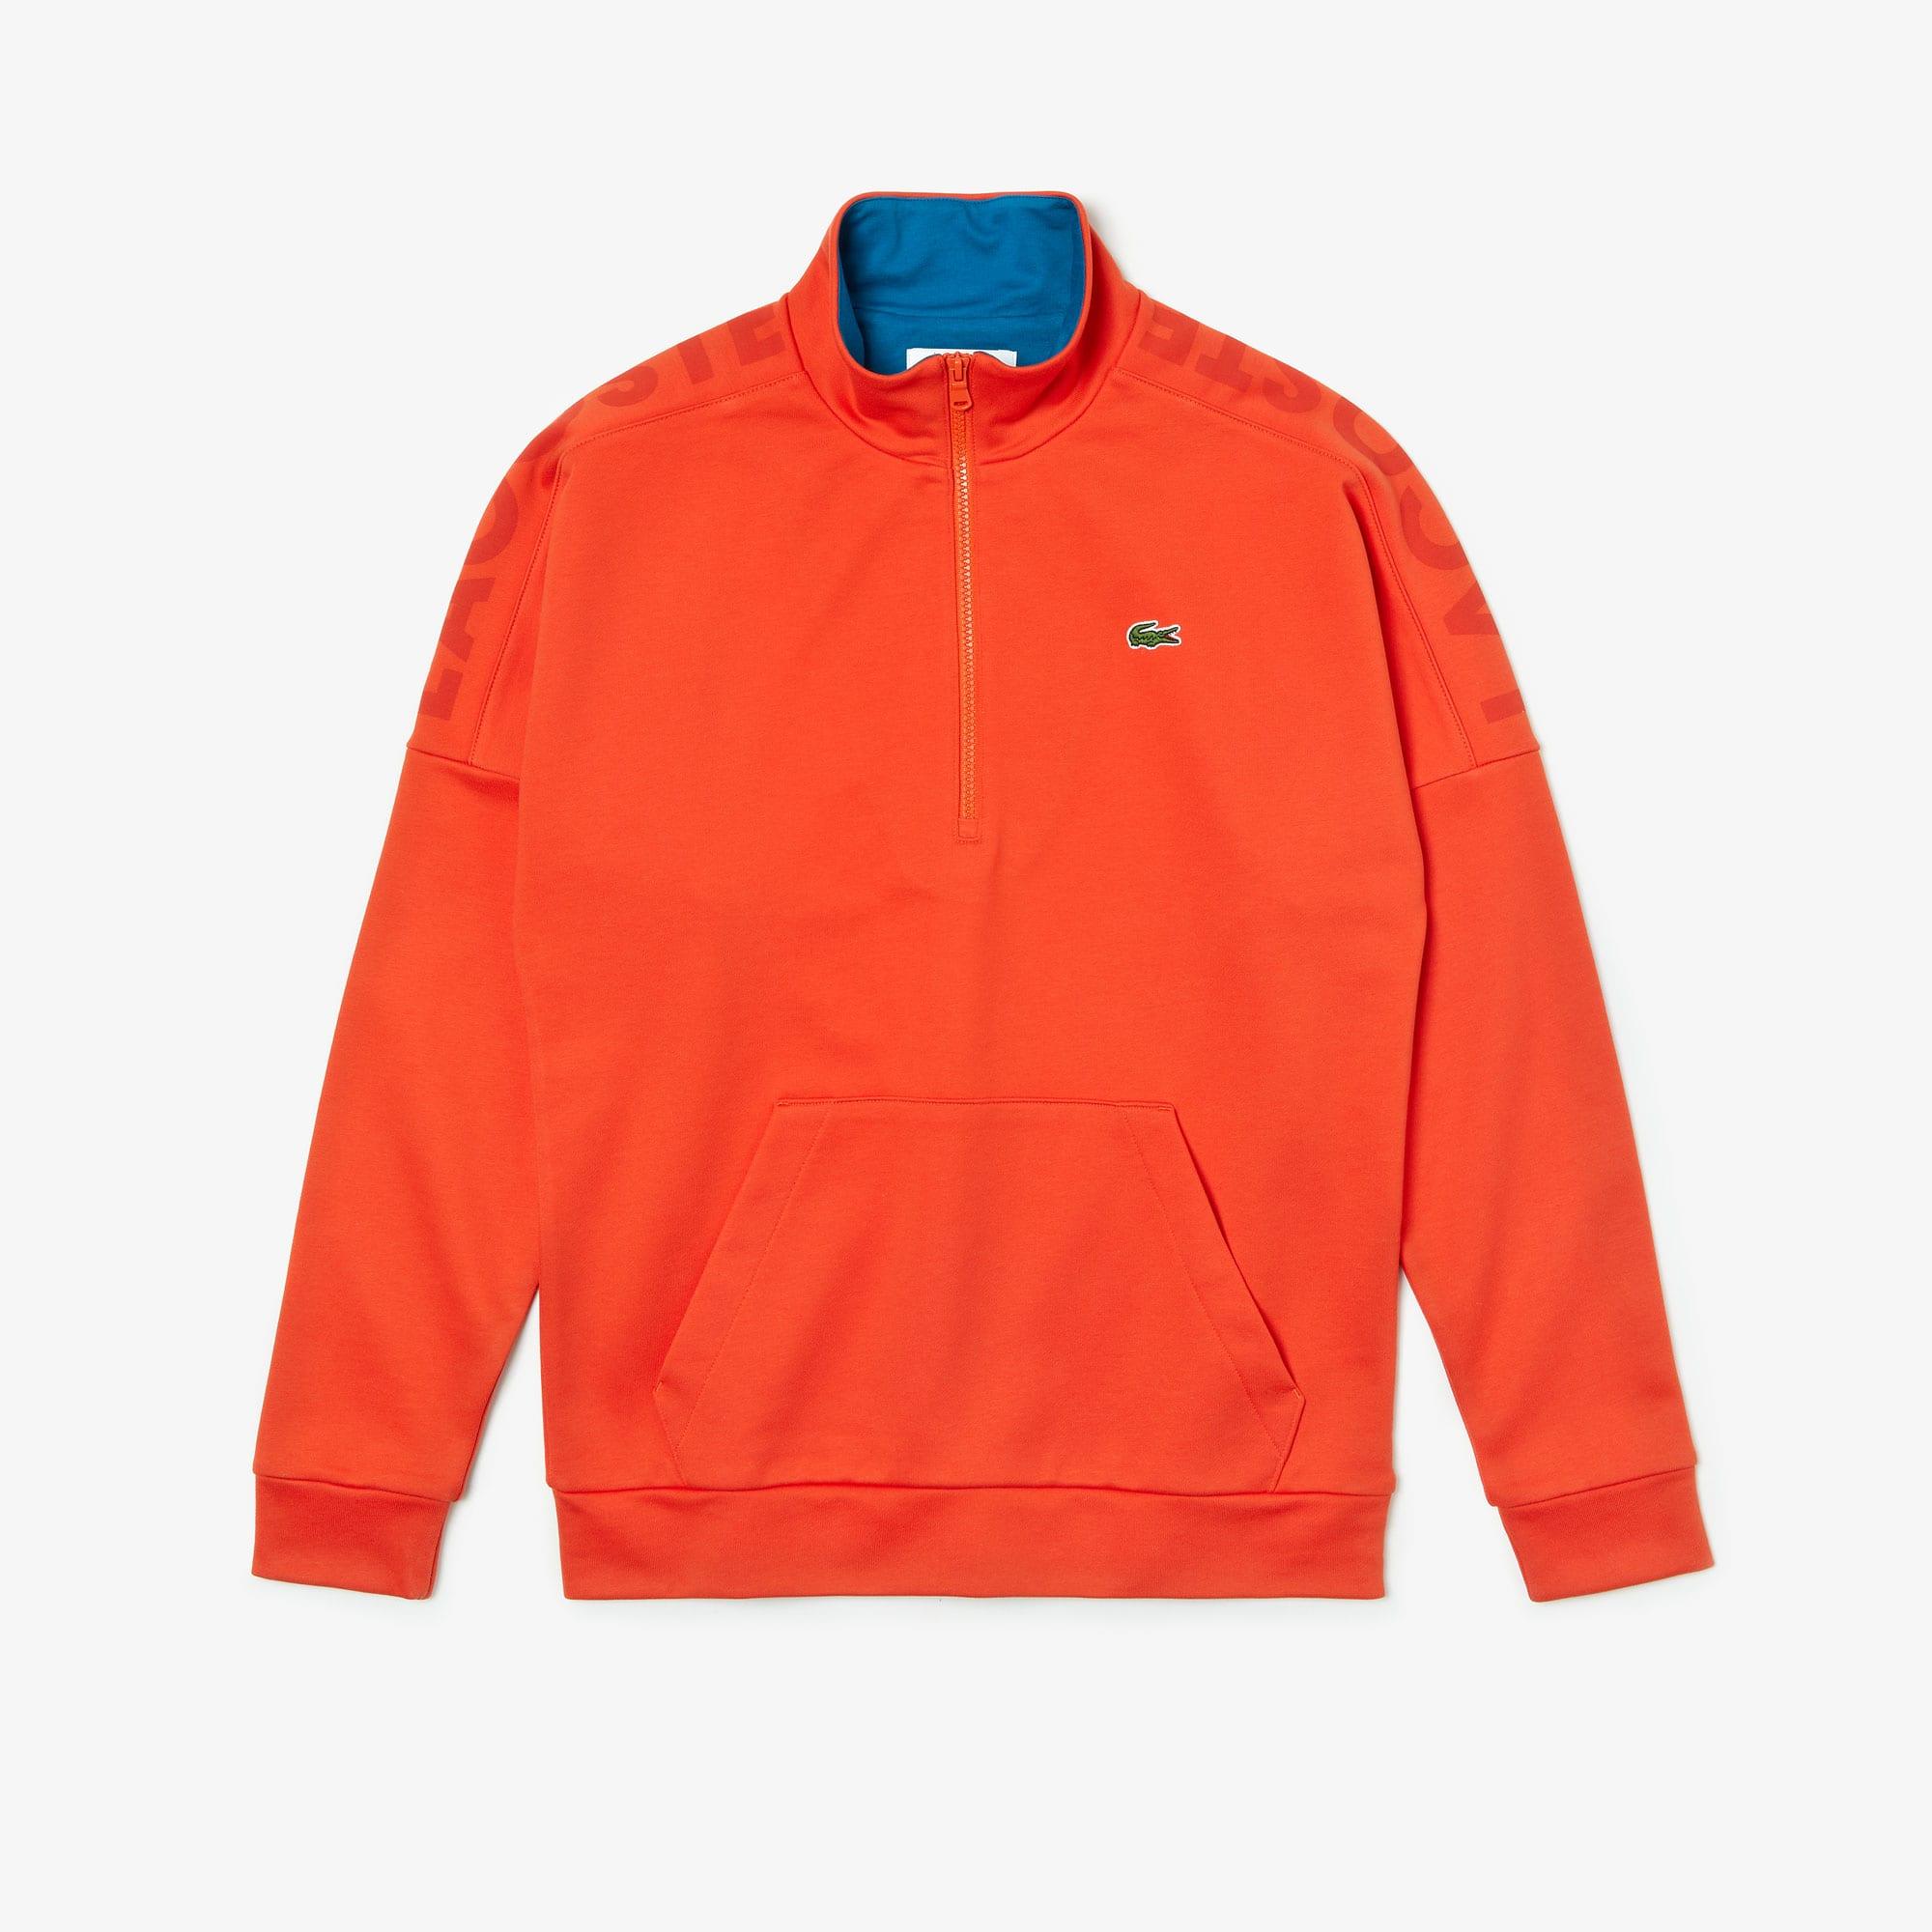 Lacoste Tops Men's SPORT Zip Standup Neck Cotton Sweatshirt